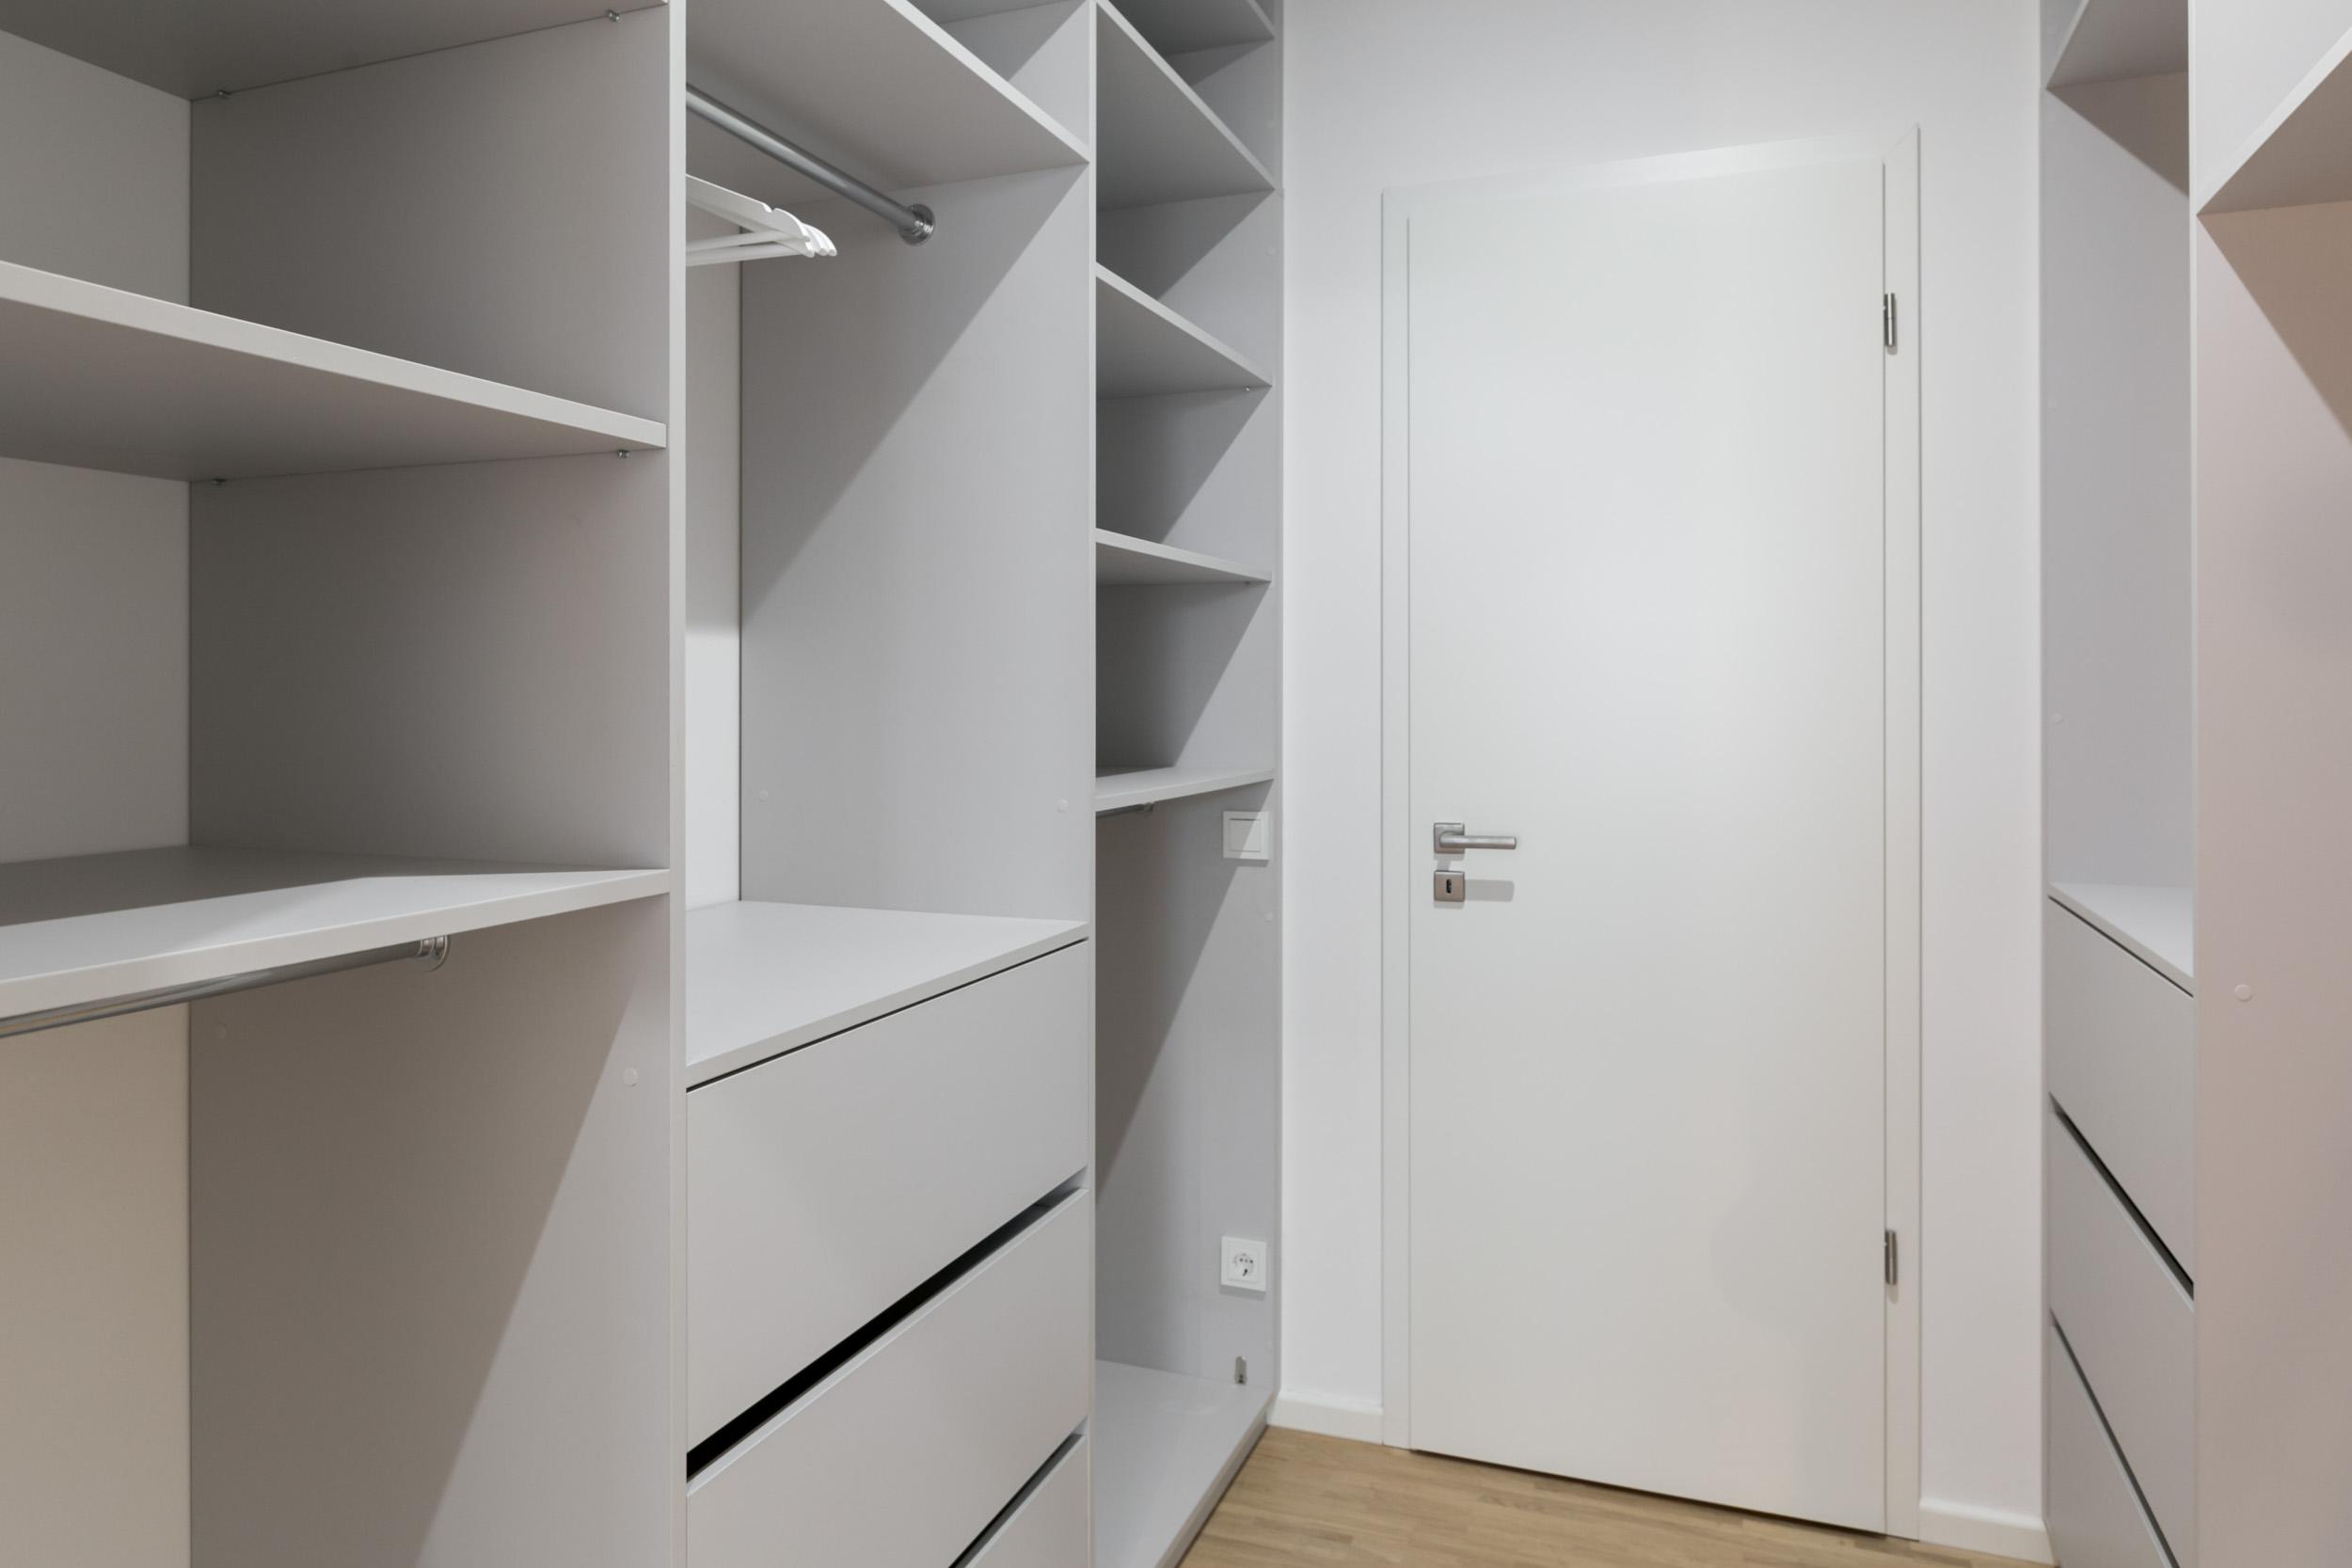 re-vamp+möbliertes+Mikropapartment+WE+153+begehbarer+Kleiderschrank.jpg